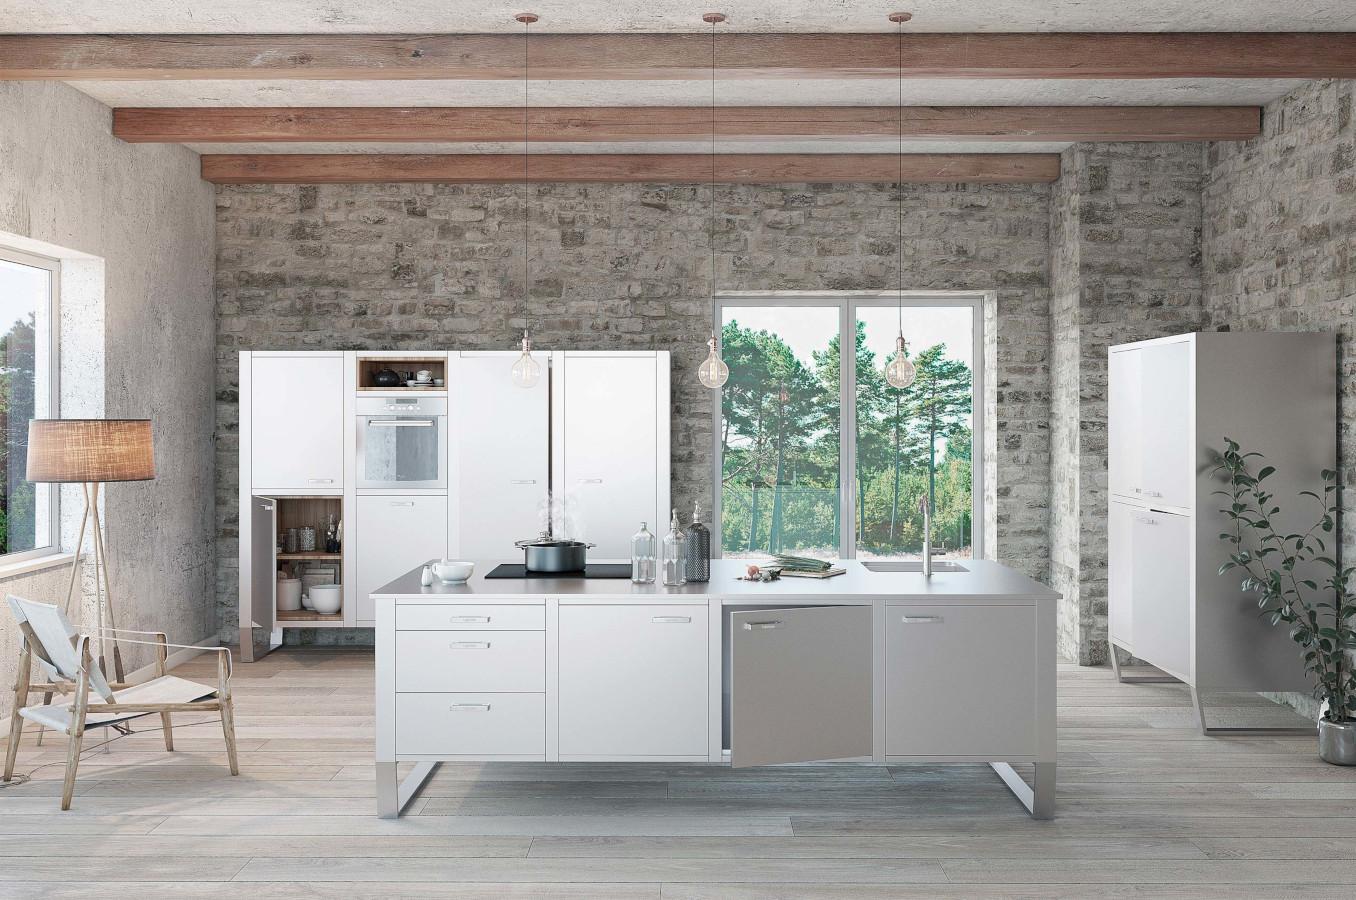 Interior Outdoor Küche : Austellungsstück röshults outdoor küche kitchen island im sale